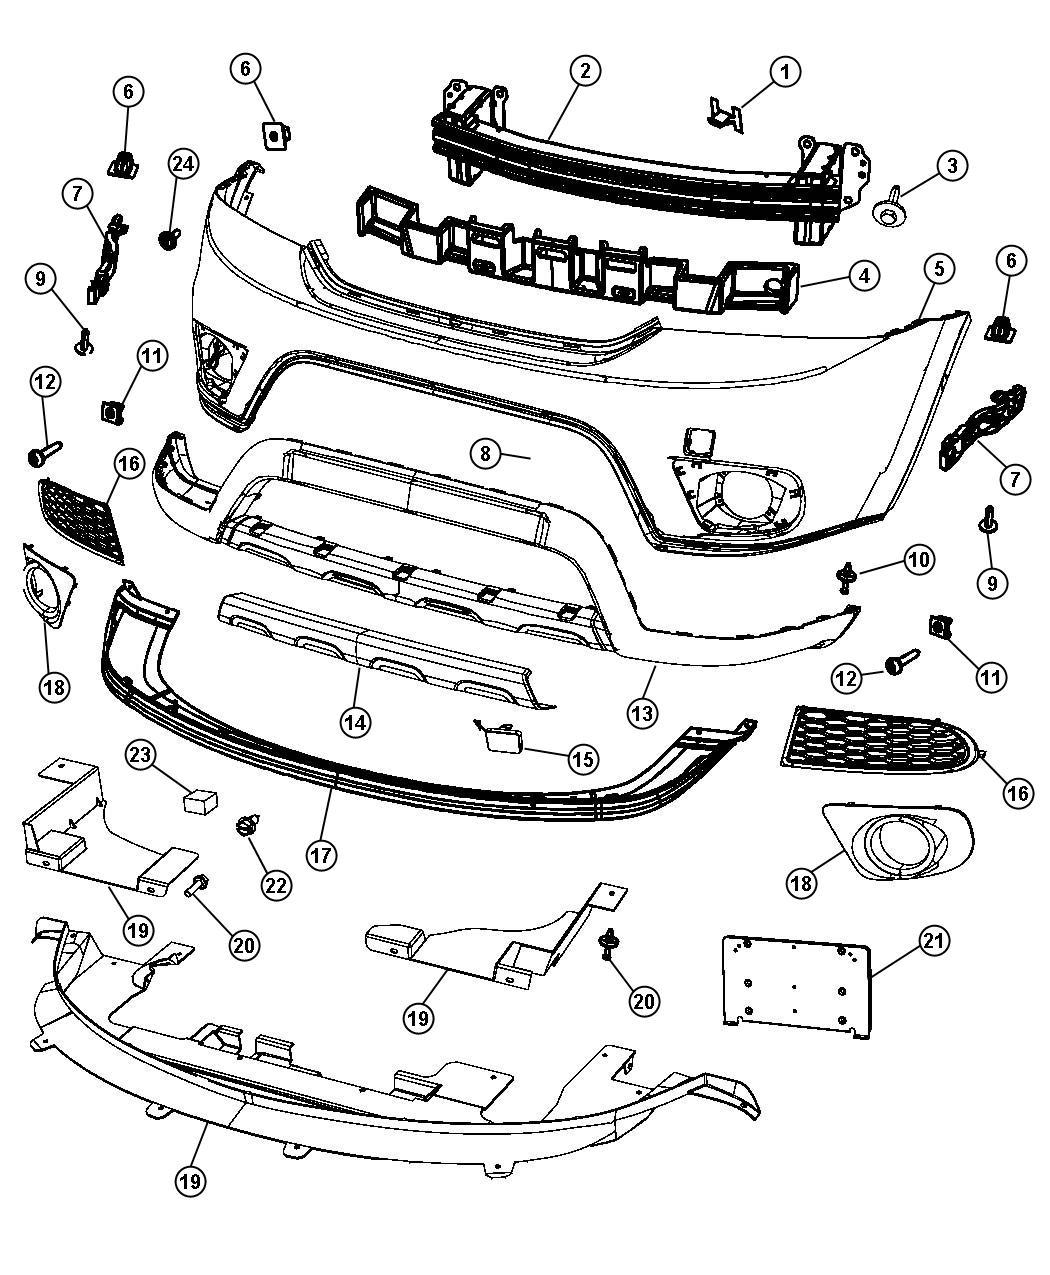 2012 Dodge Journey Reinforcement. Front bumper. Export